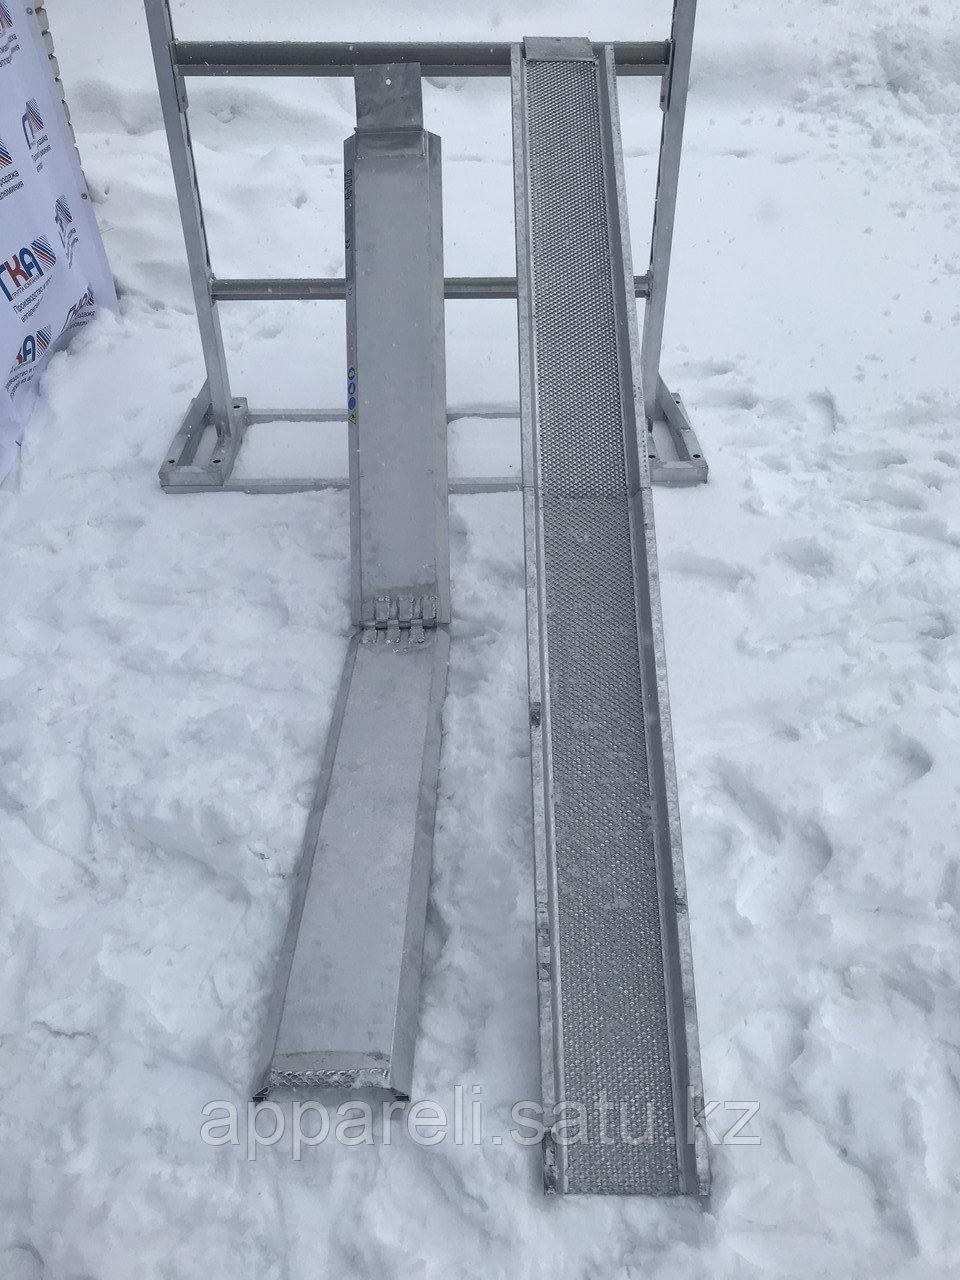 Погрузочные рампы от производителя 11300 кг, 40 см